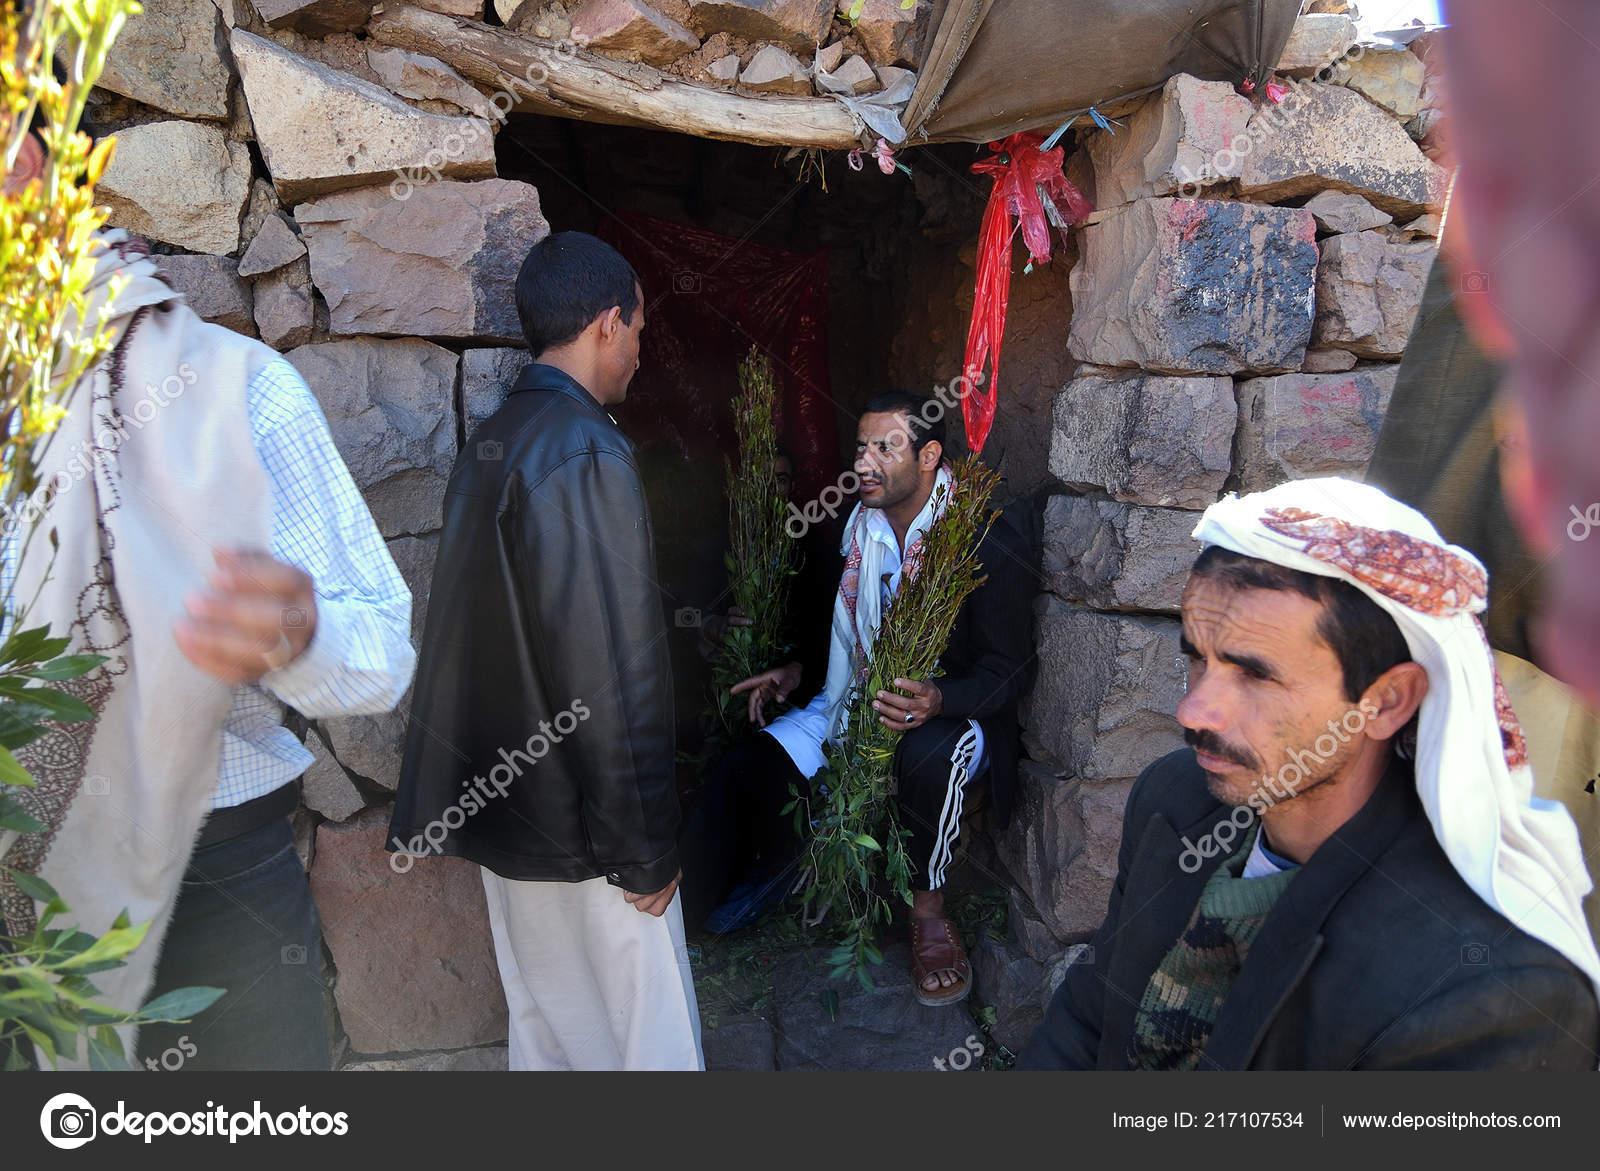 Sanaa Yemen March 2010 Unidentified Dealers Khat Catha